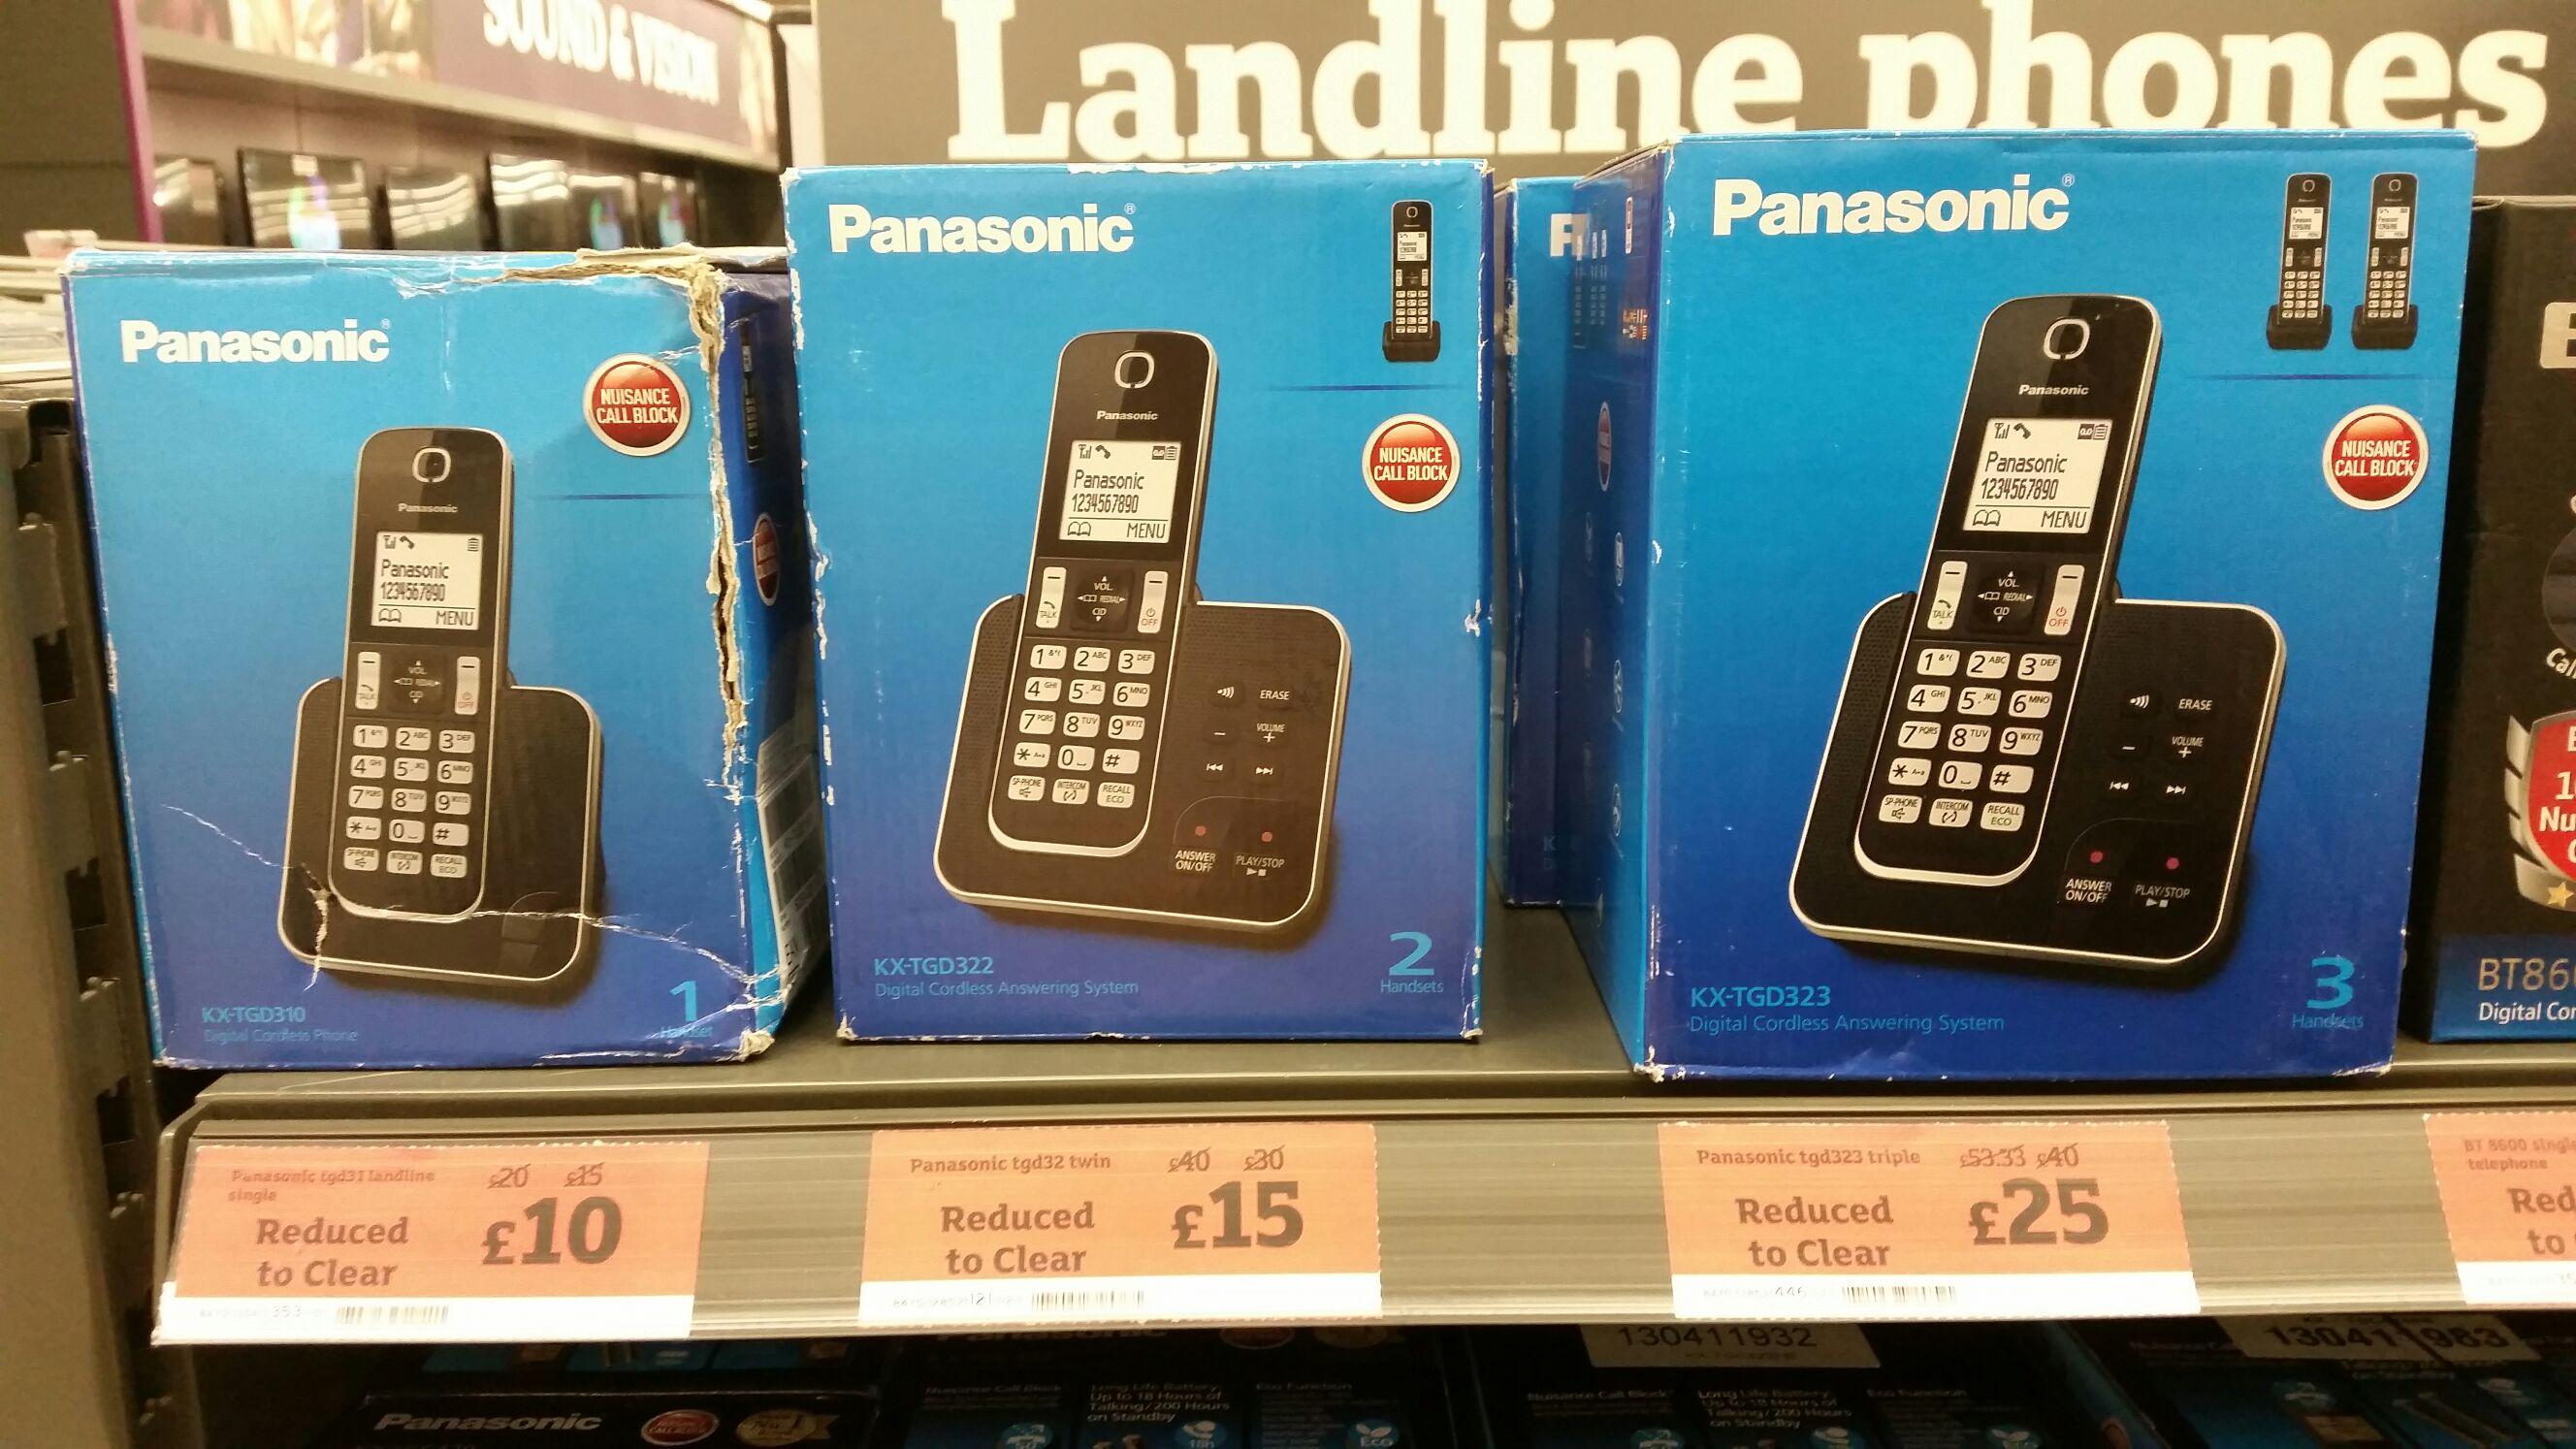 Panasonic KX-TGD310 cordless phone with answering machine now £10 @ Sainsbury's